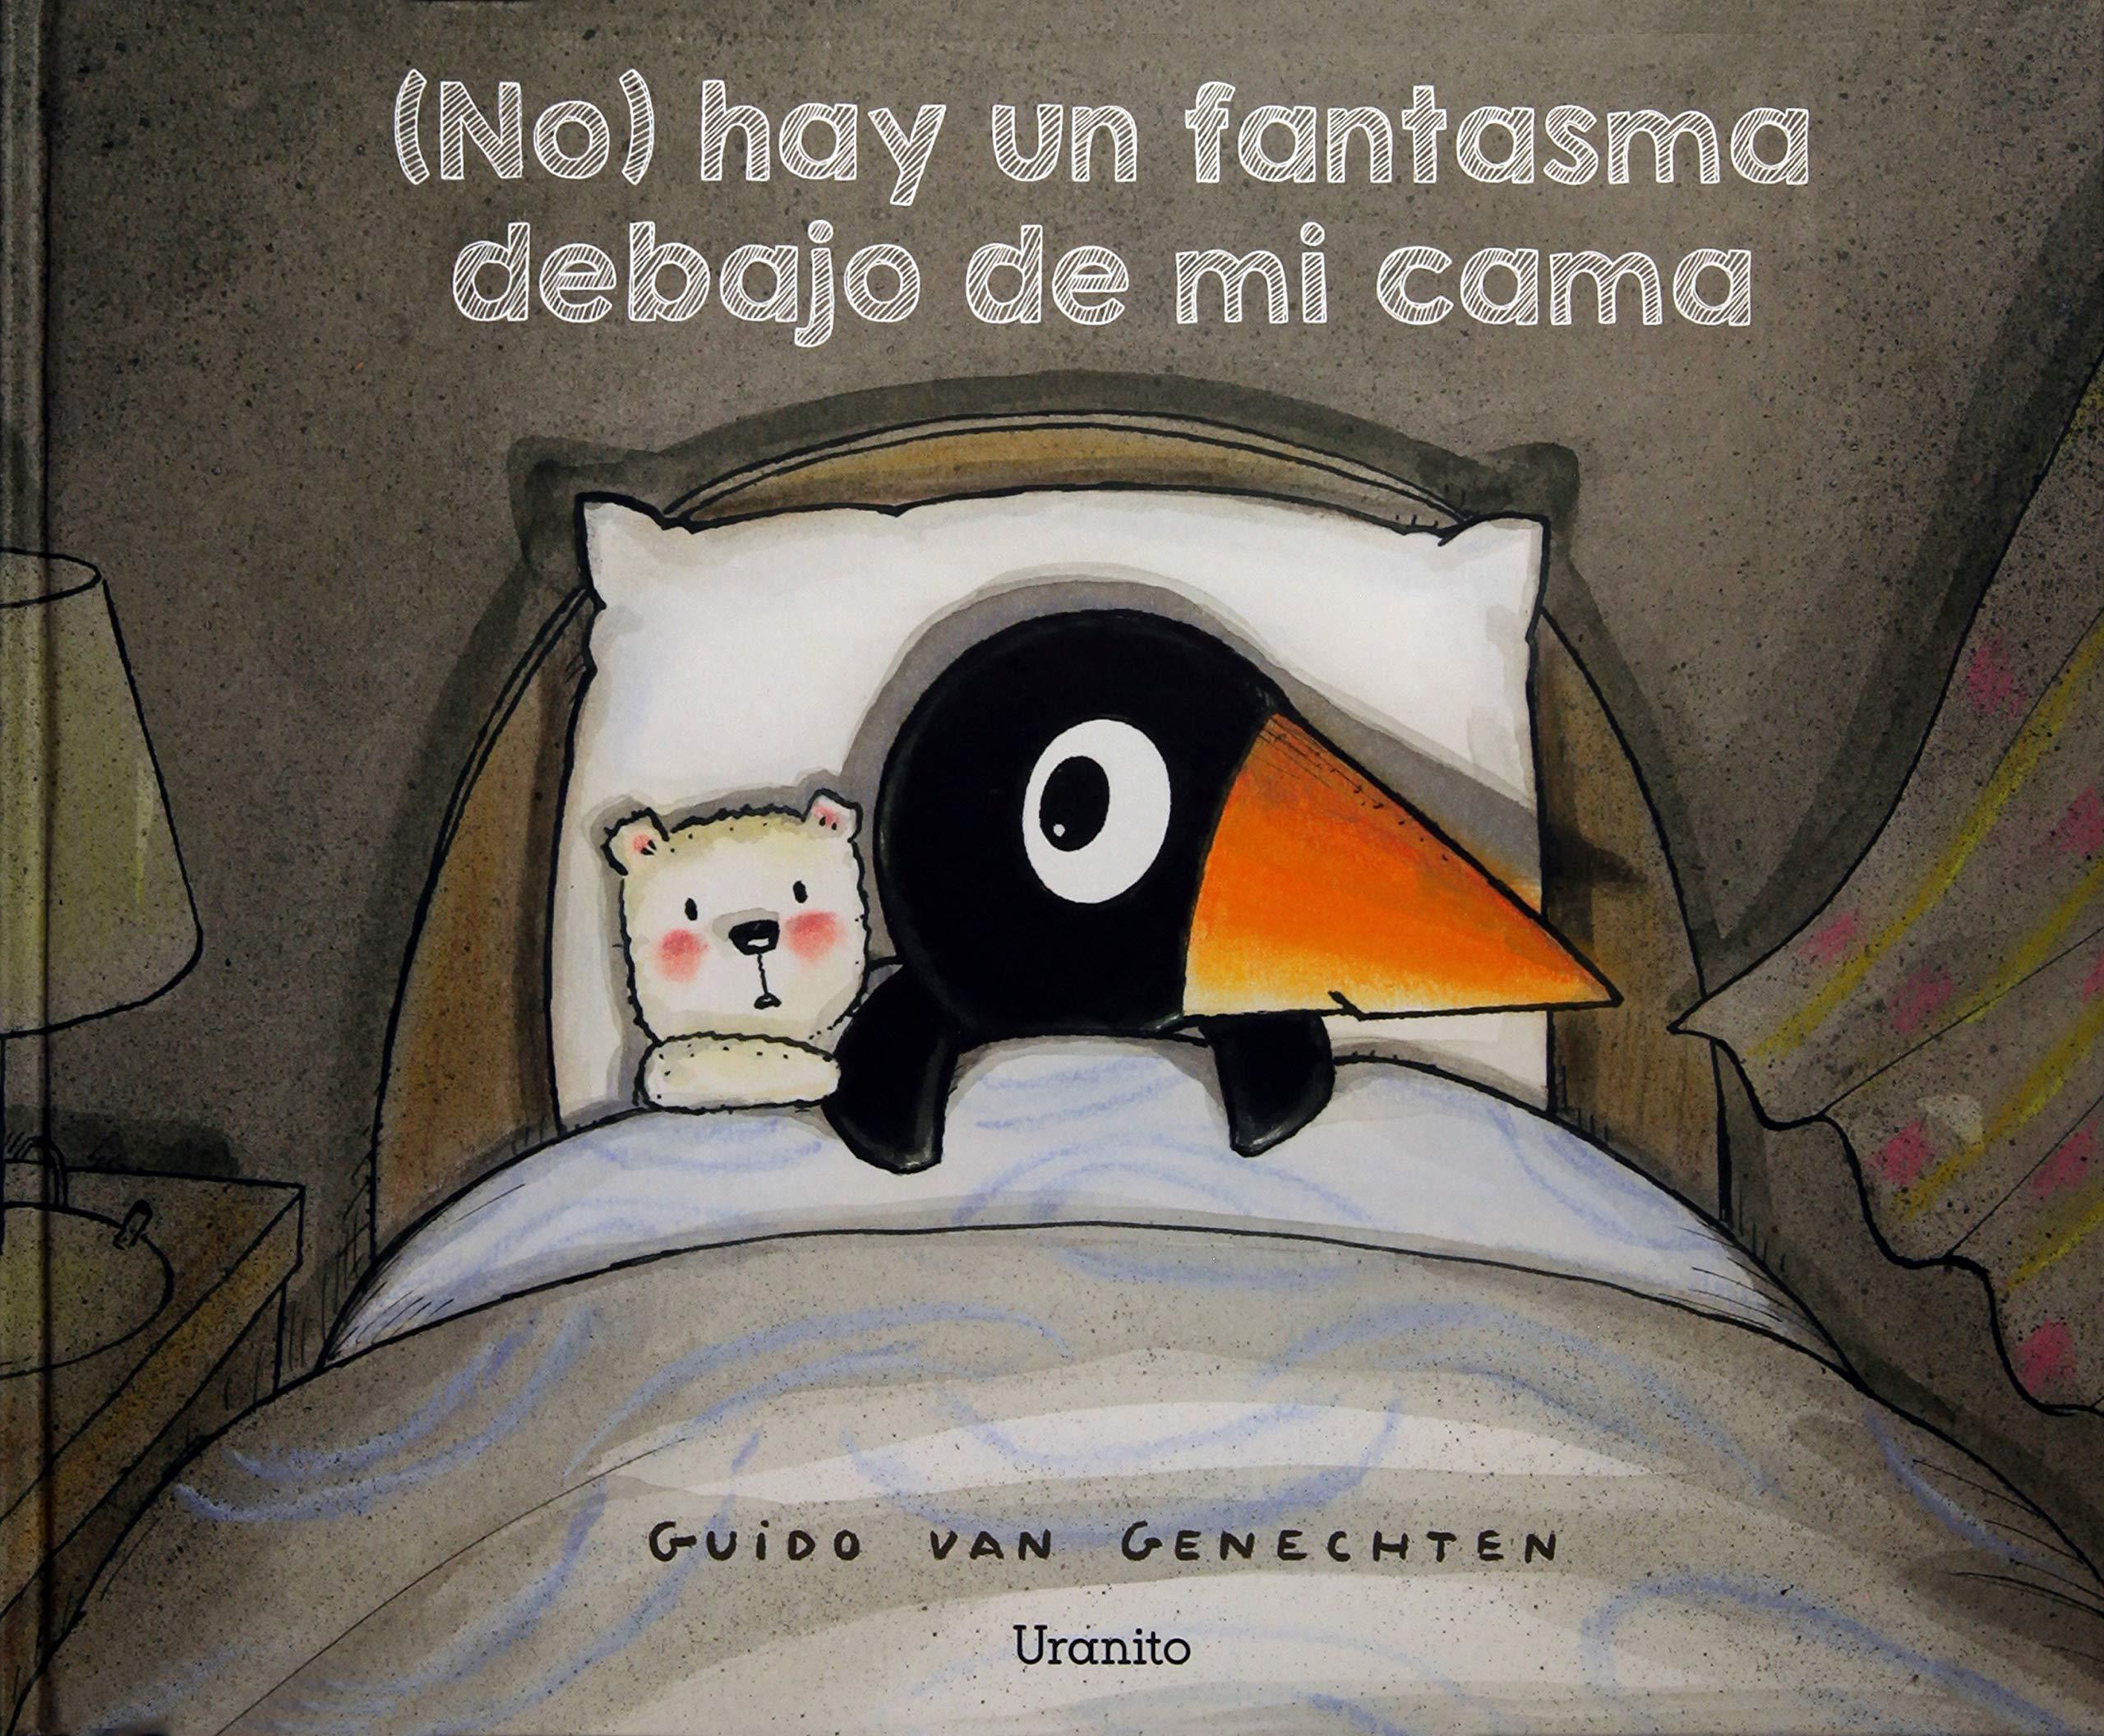 (No) hay un fantasma debajo de mi cama (Spanish Edition) (Spanish) Hardcover – January 31, 2018